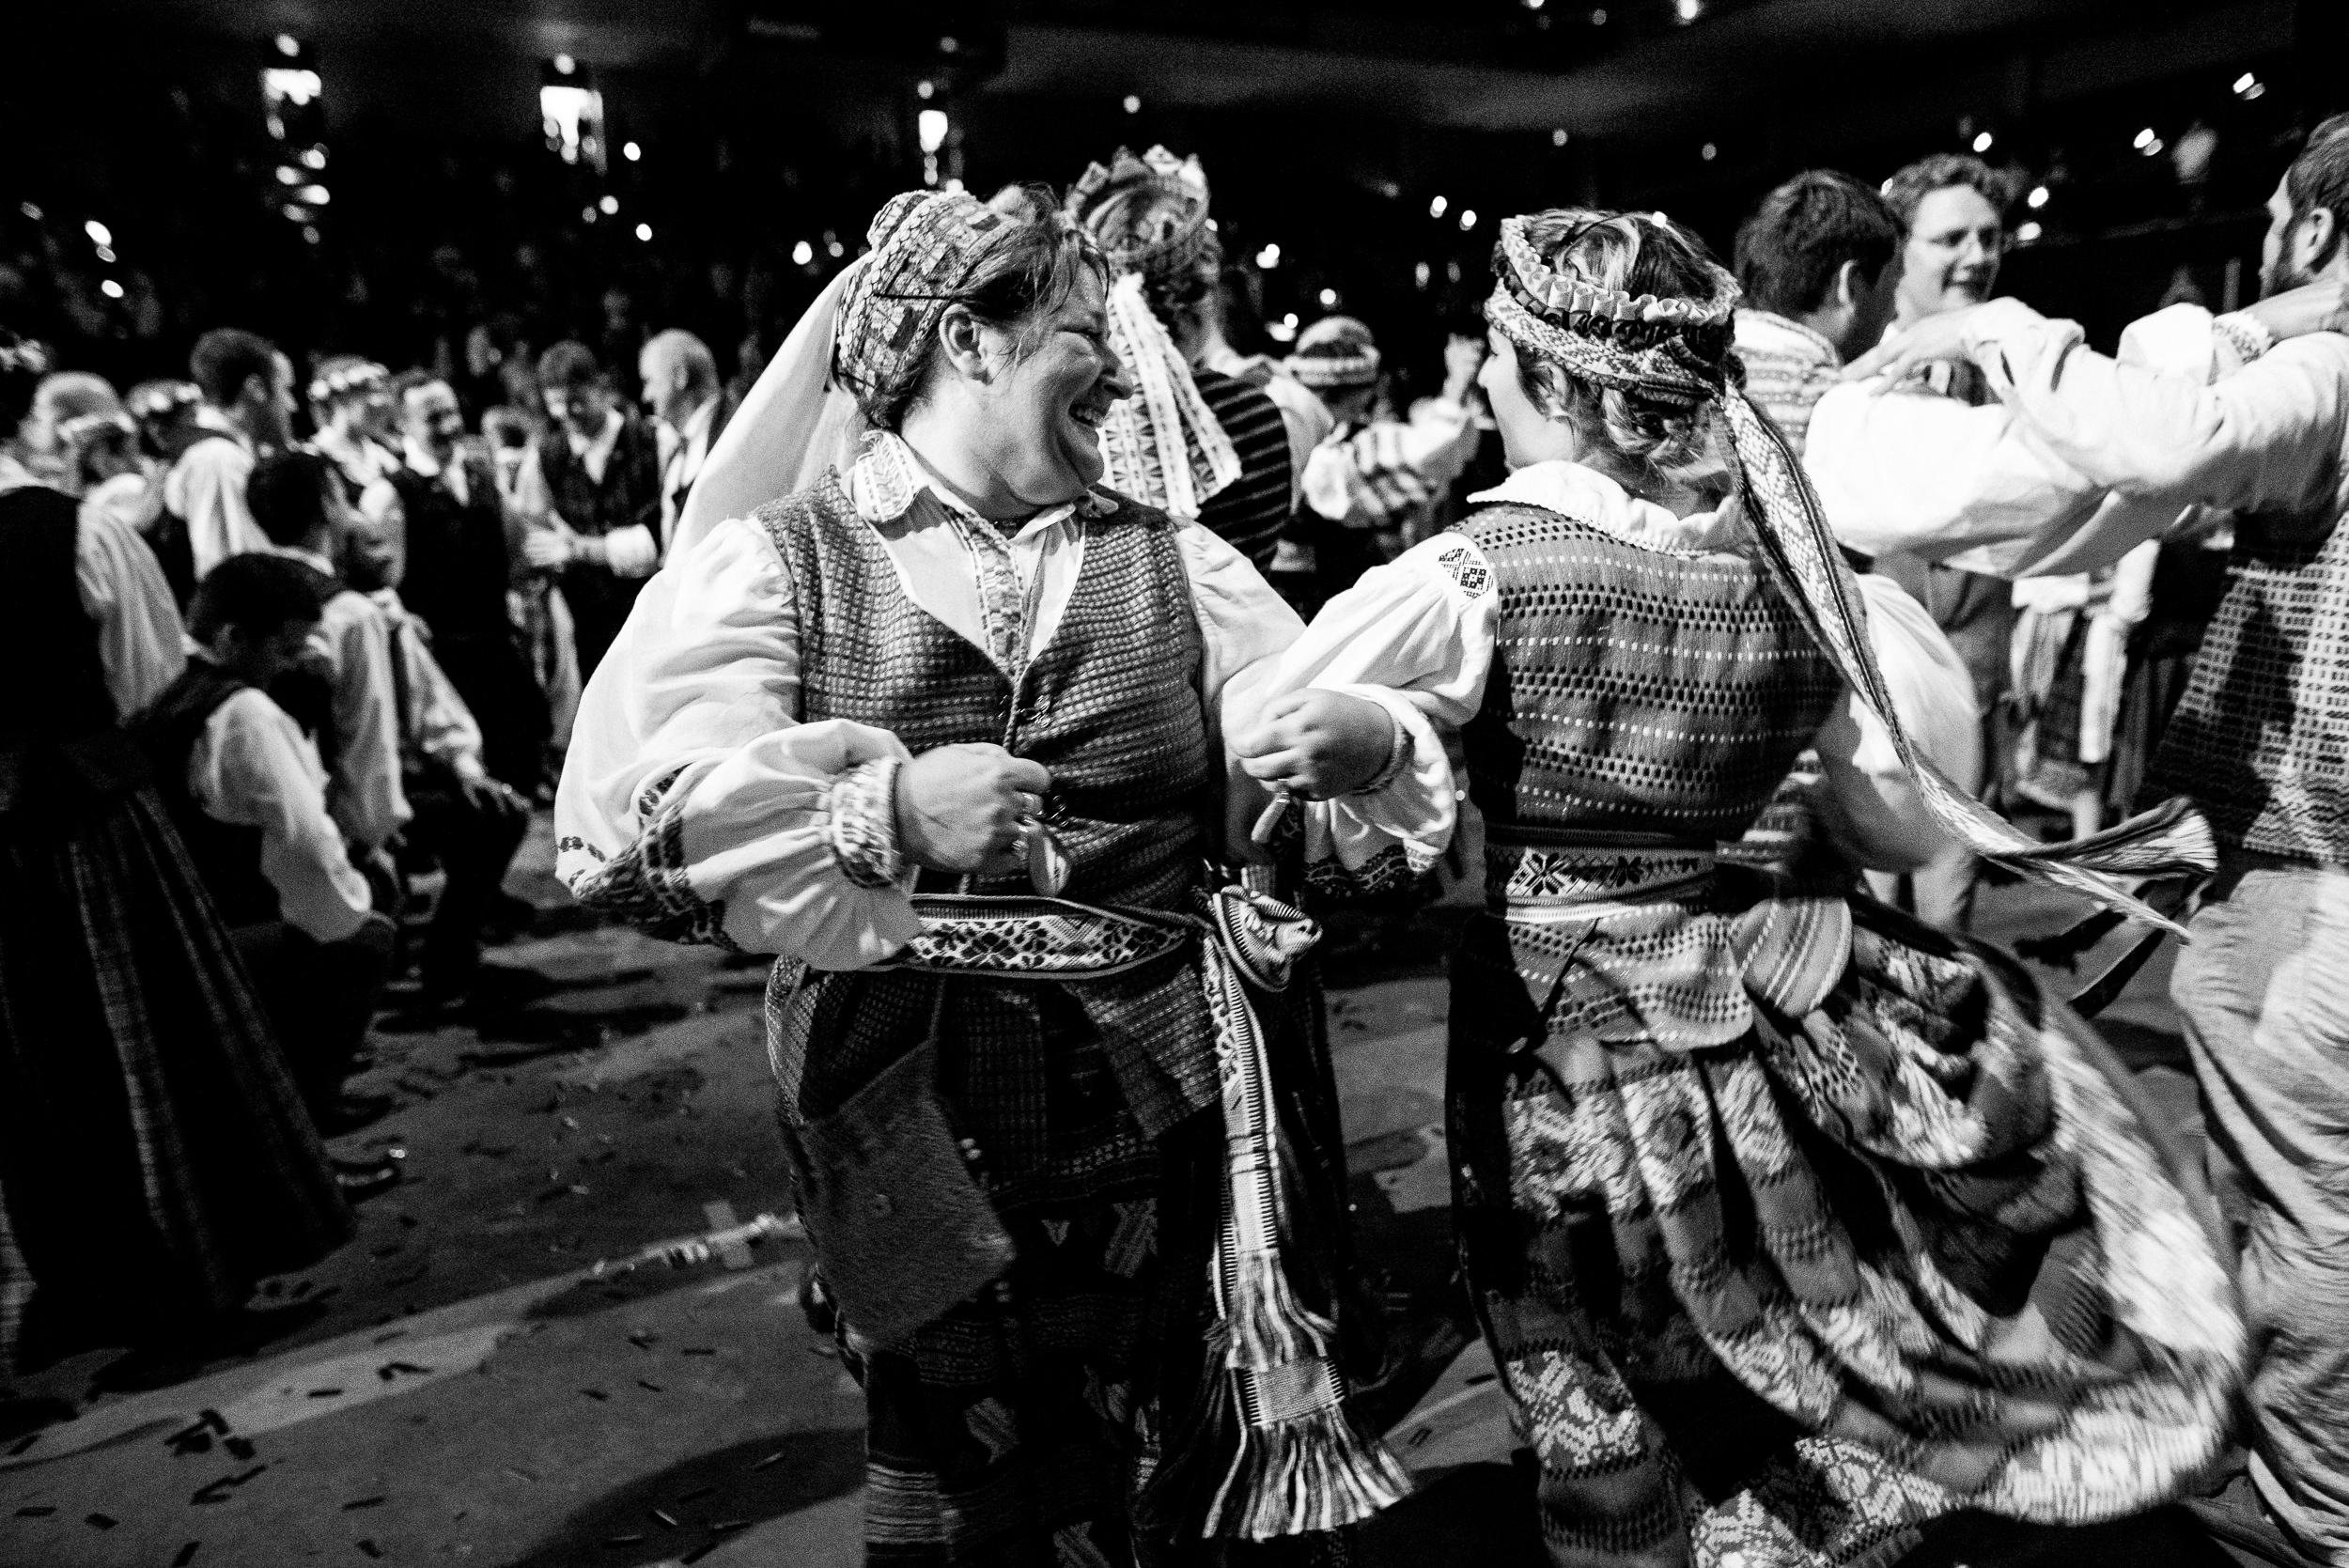 Sokiu Svente 2016 Photographer Mantas Kubilinskas-60.jpg